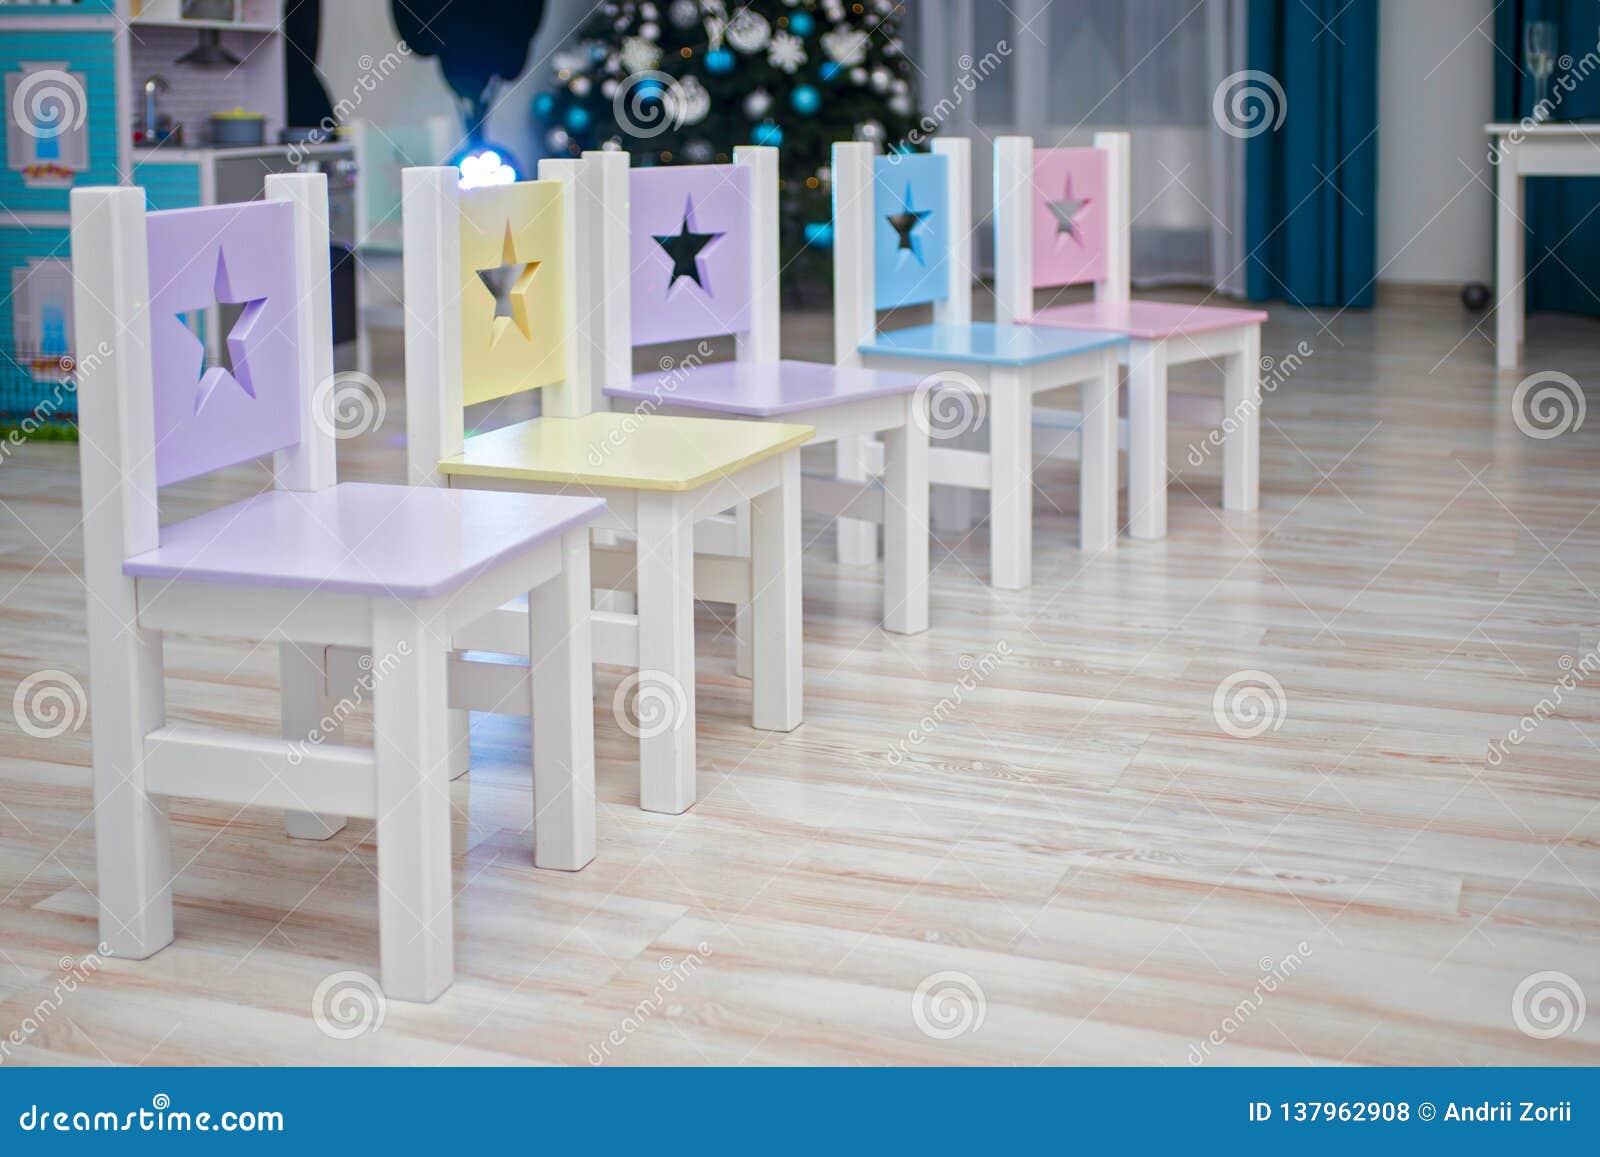 Stoelen in de ruimte van kinderen Het binnenland van de jonge geitjesruimte Stoelen in kleuterschool peuterklaslokaal Vele helder